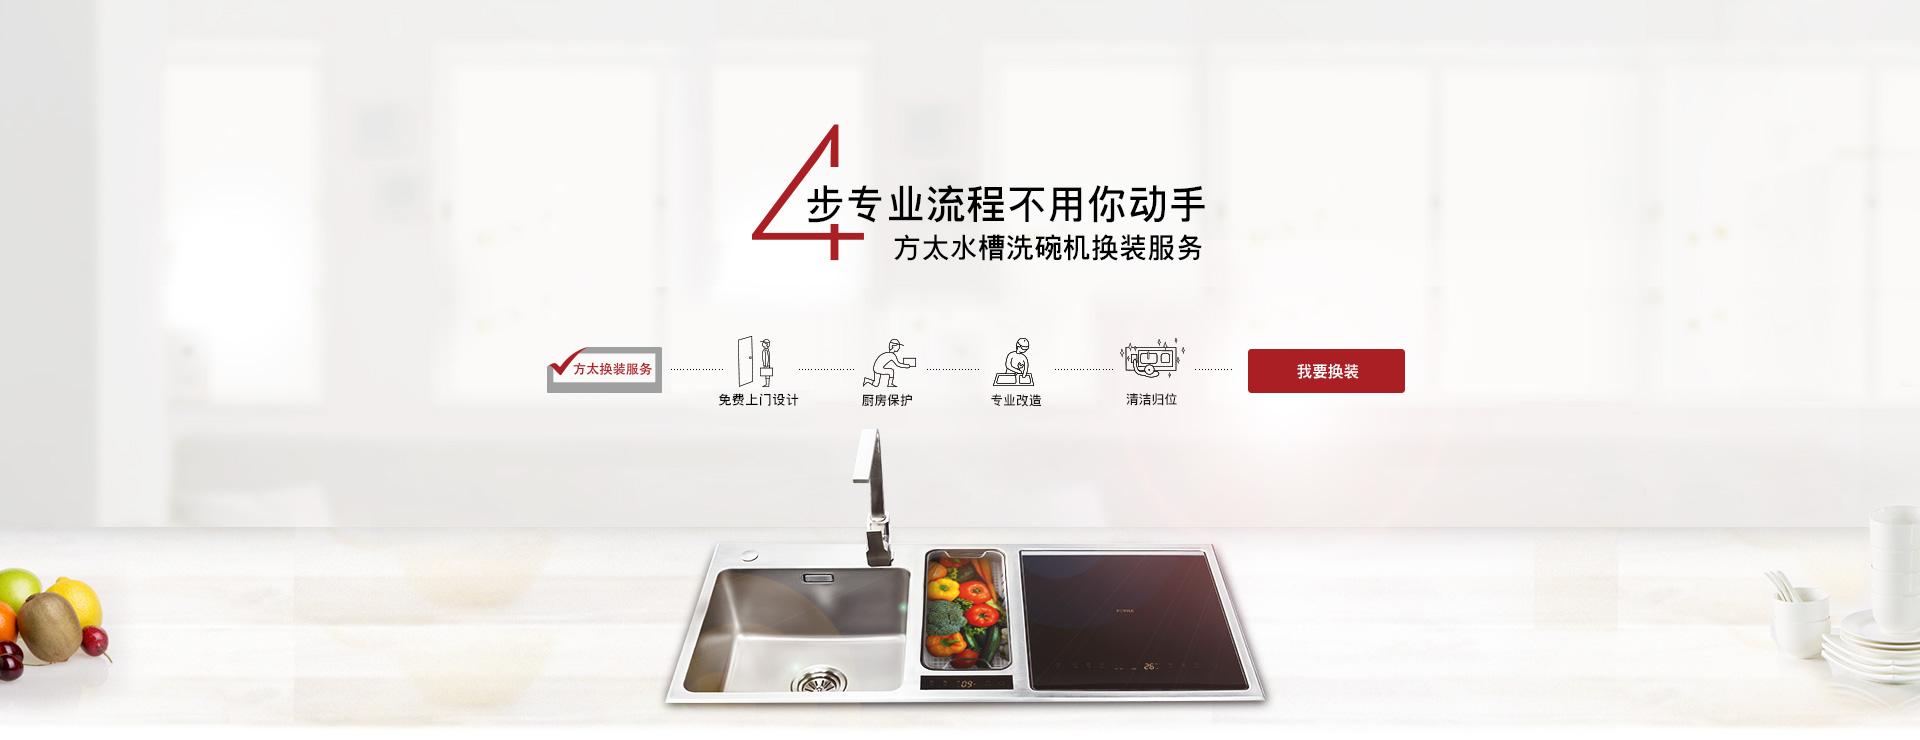 方太水槽洗碗机换装服务